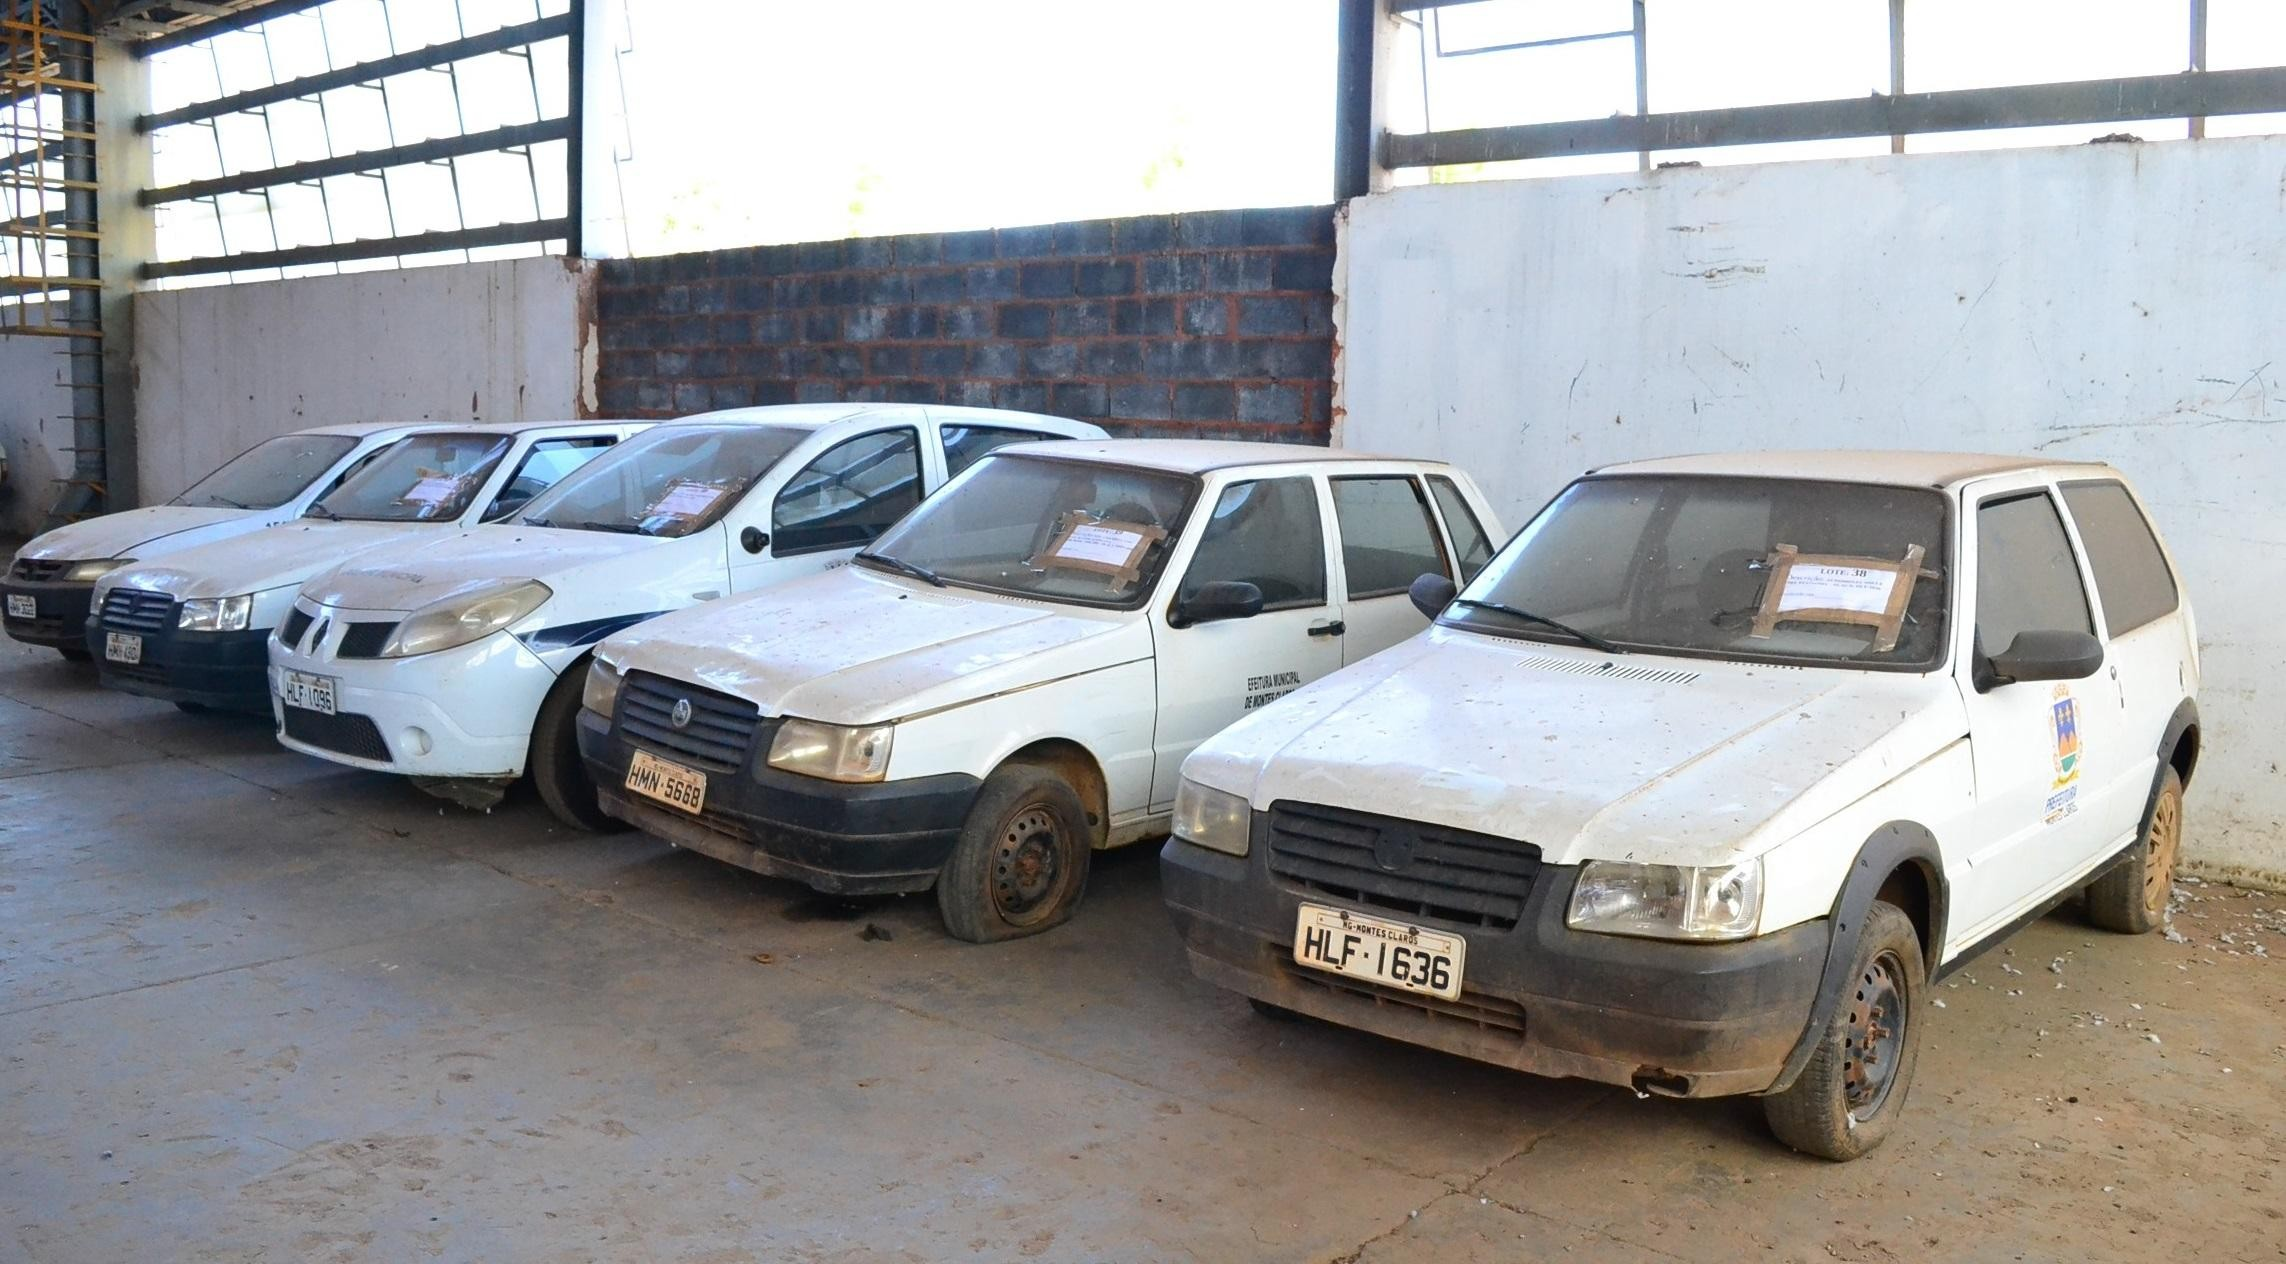 Prefeitura de Montes Claros abre visitação para bens móveis inservíveis que serão leiloados - Notícias - Plantão Diário